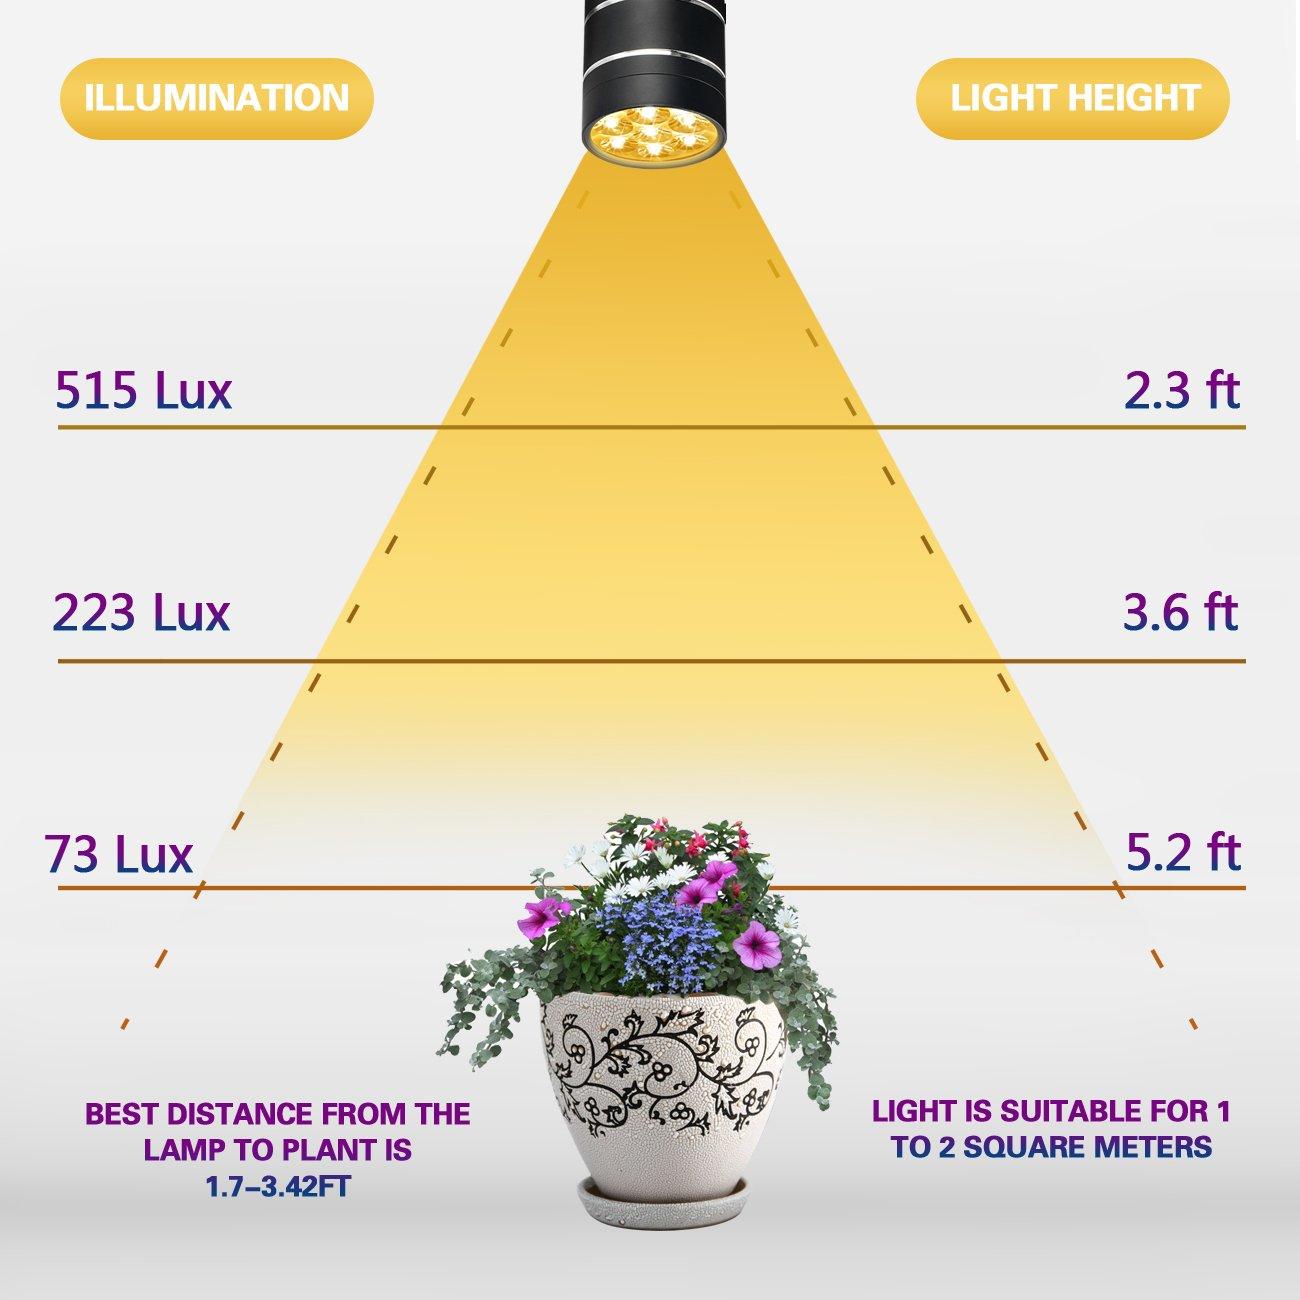 Watt Grow Light Distance From Plants Light Bulb Plant